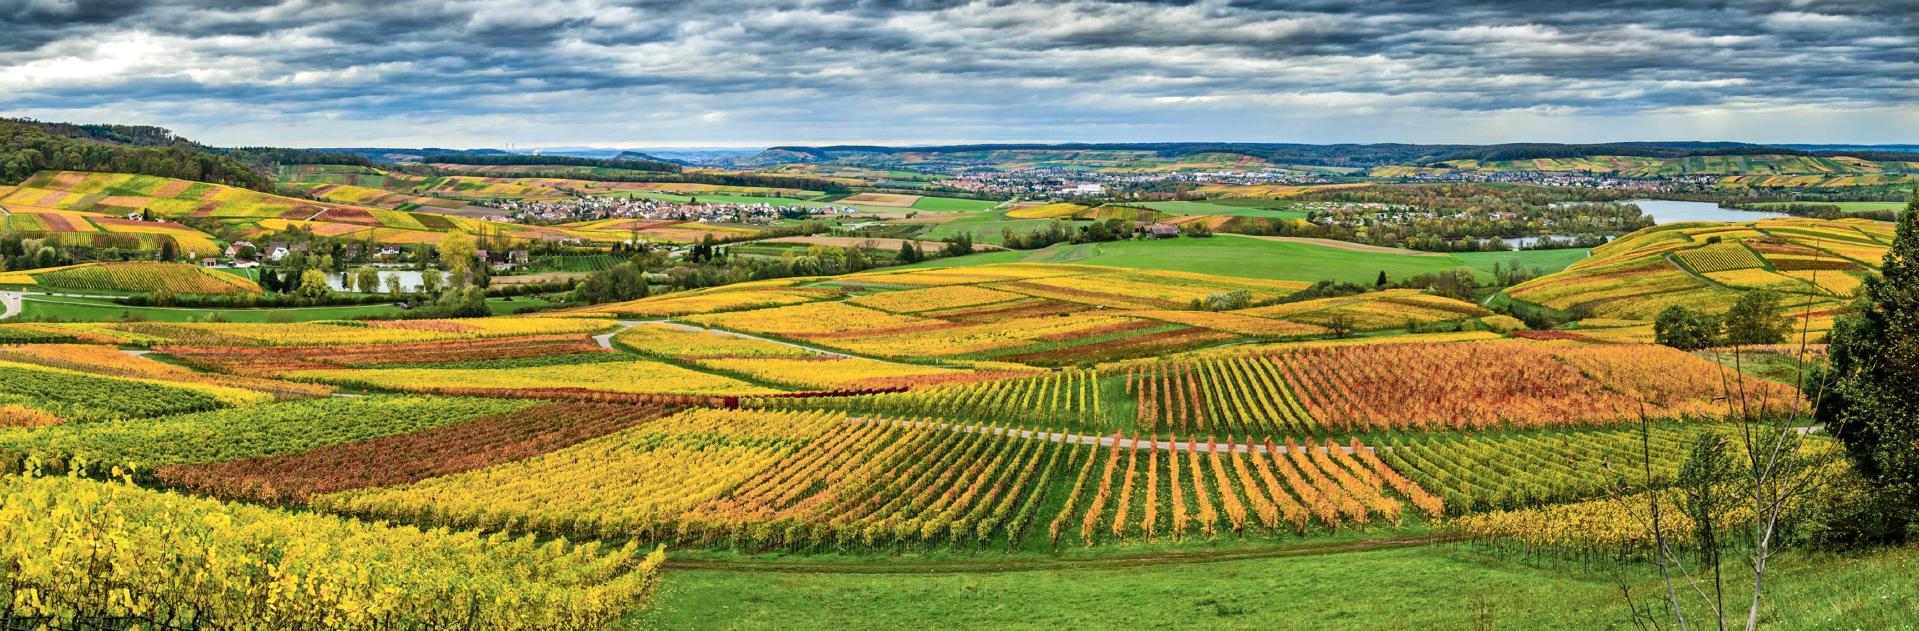 Fotograf Roland Schweizer hat ein Auge für seine Heimat, wie dieser Blick übers Weinsberger Tal und den Breitenauer See zeigt. Foto: Roland Schweizer